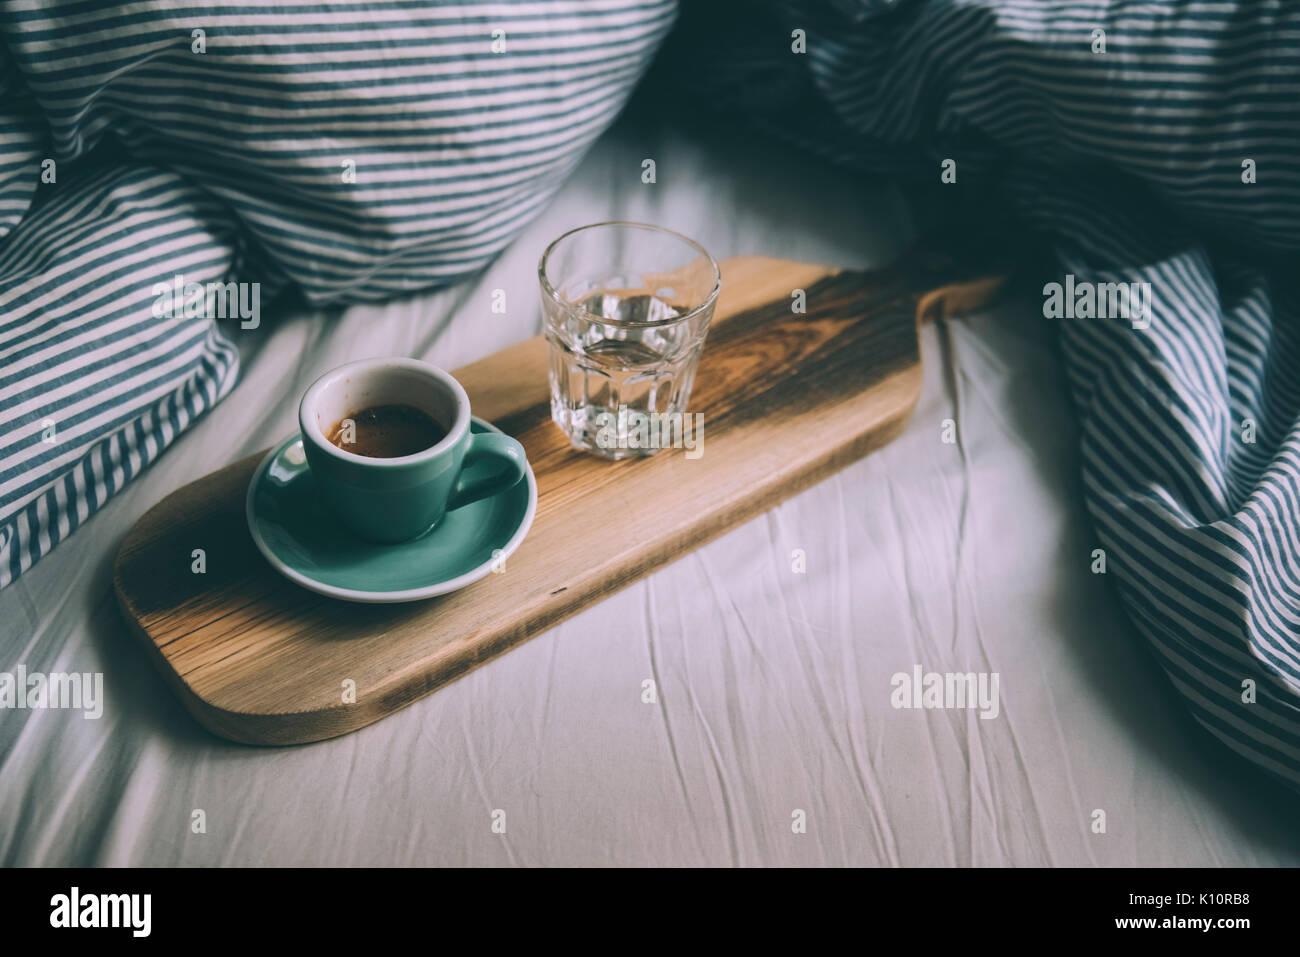 Bel mattino lavorando nel letto essentials: laptop e una fresca mattina caffè con belle tiger crema su un rustico in legno fatti a mano il vassoio Immagini Stock